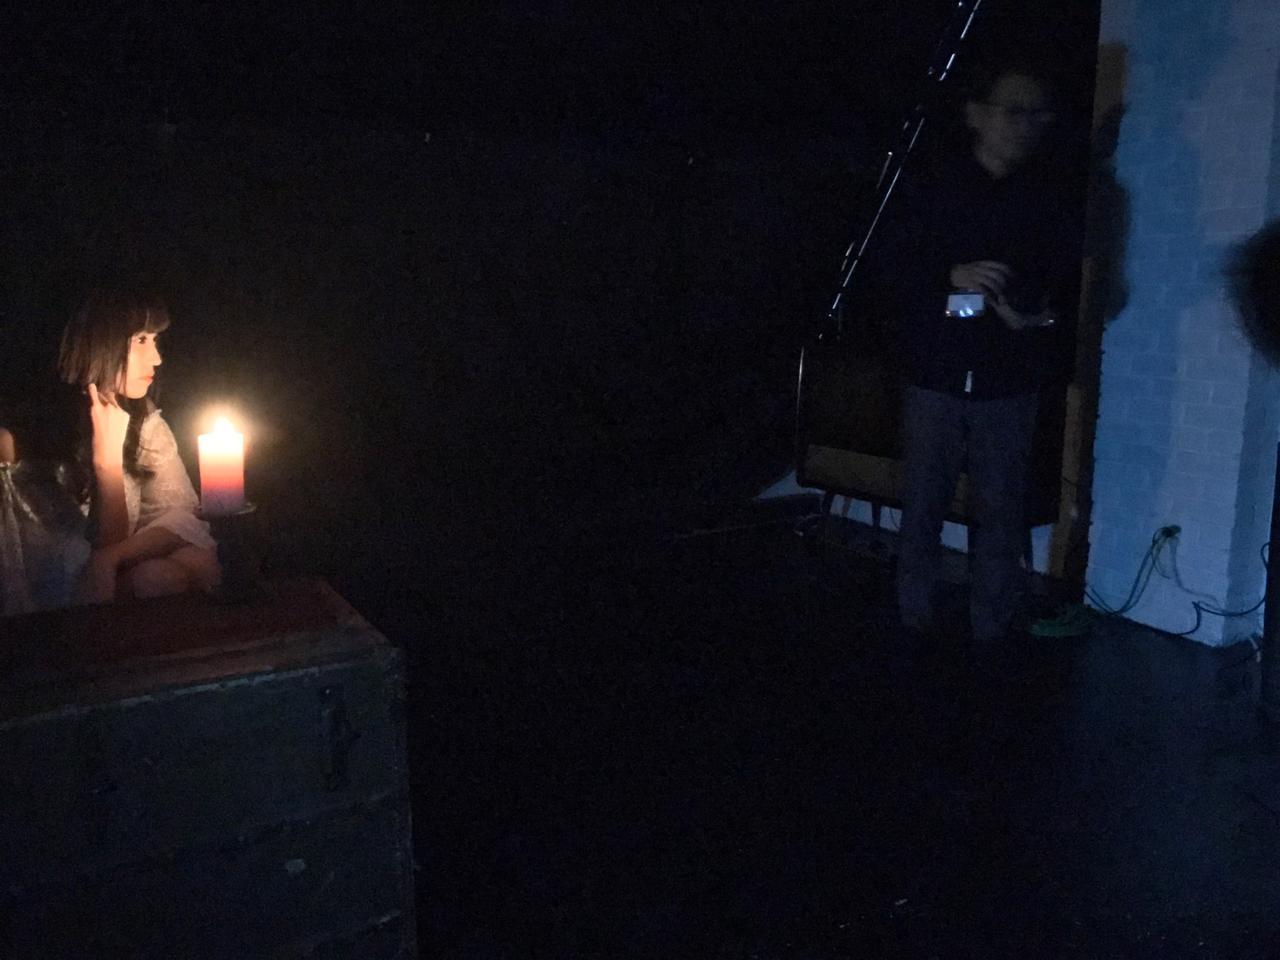 画像2: 真っ暗な状況でα7SⅡ+FE85mmF1.4 GMで実写!